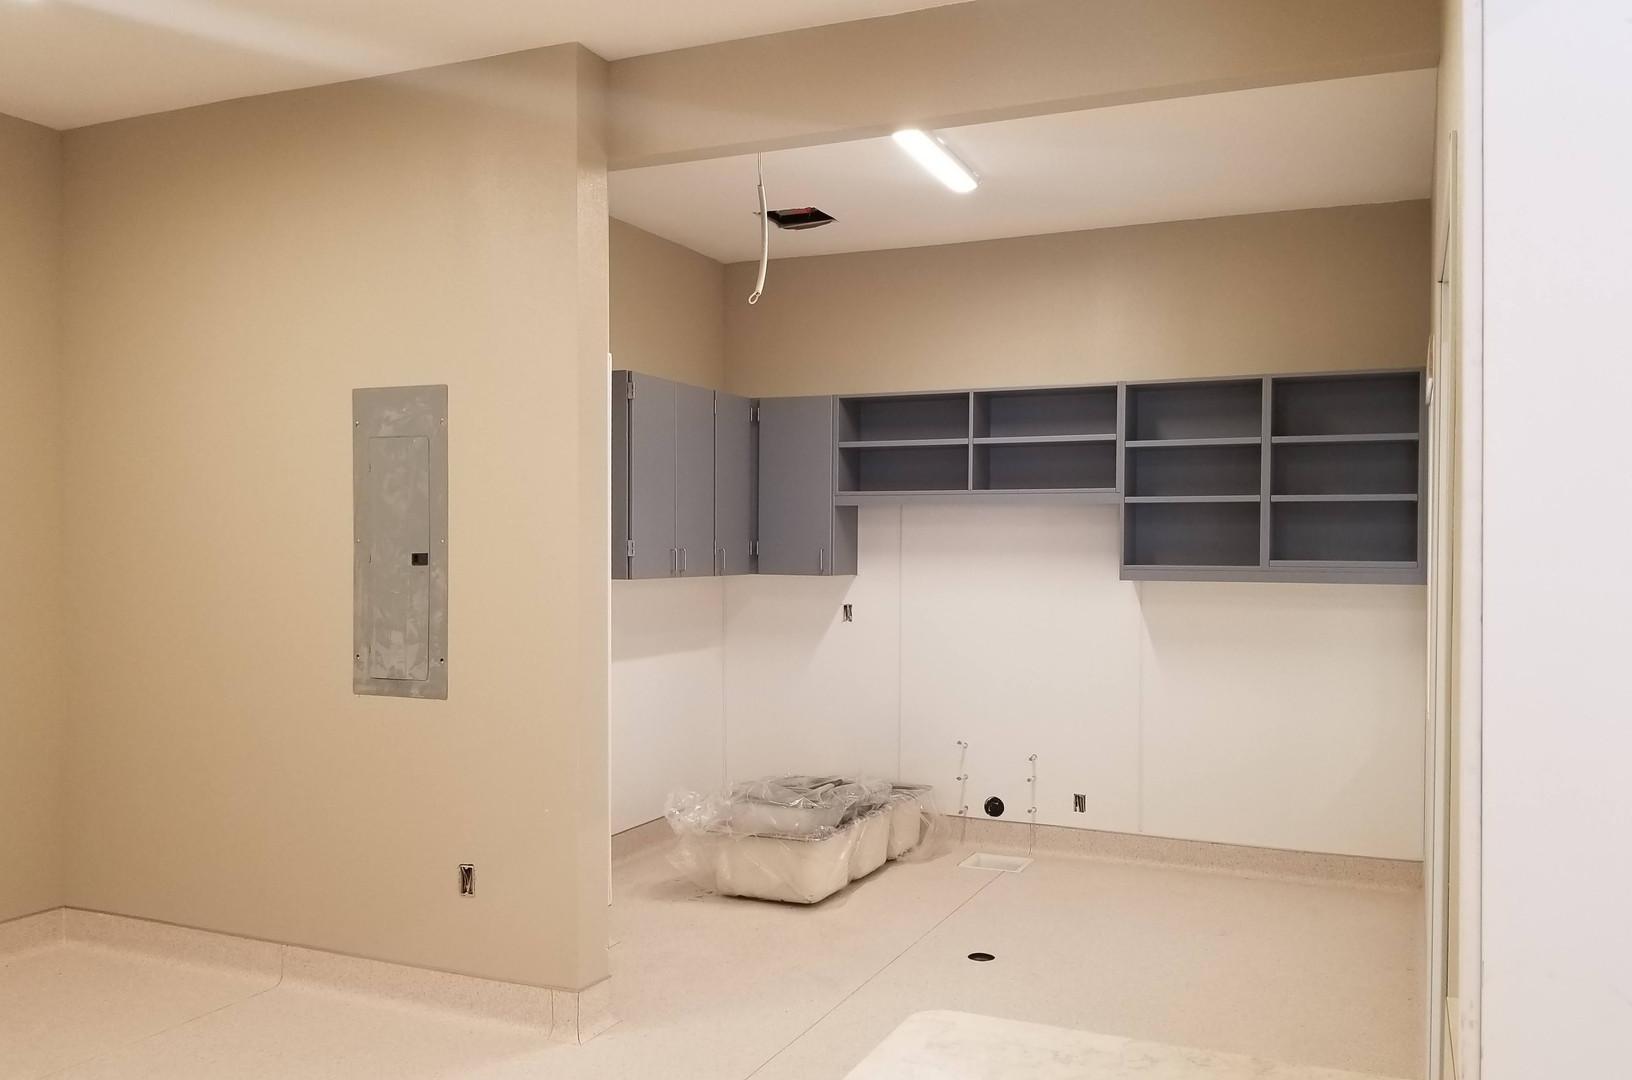 2020-09-28 Extra Kitchen Space.jpg